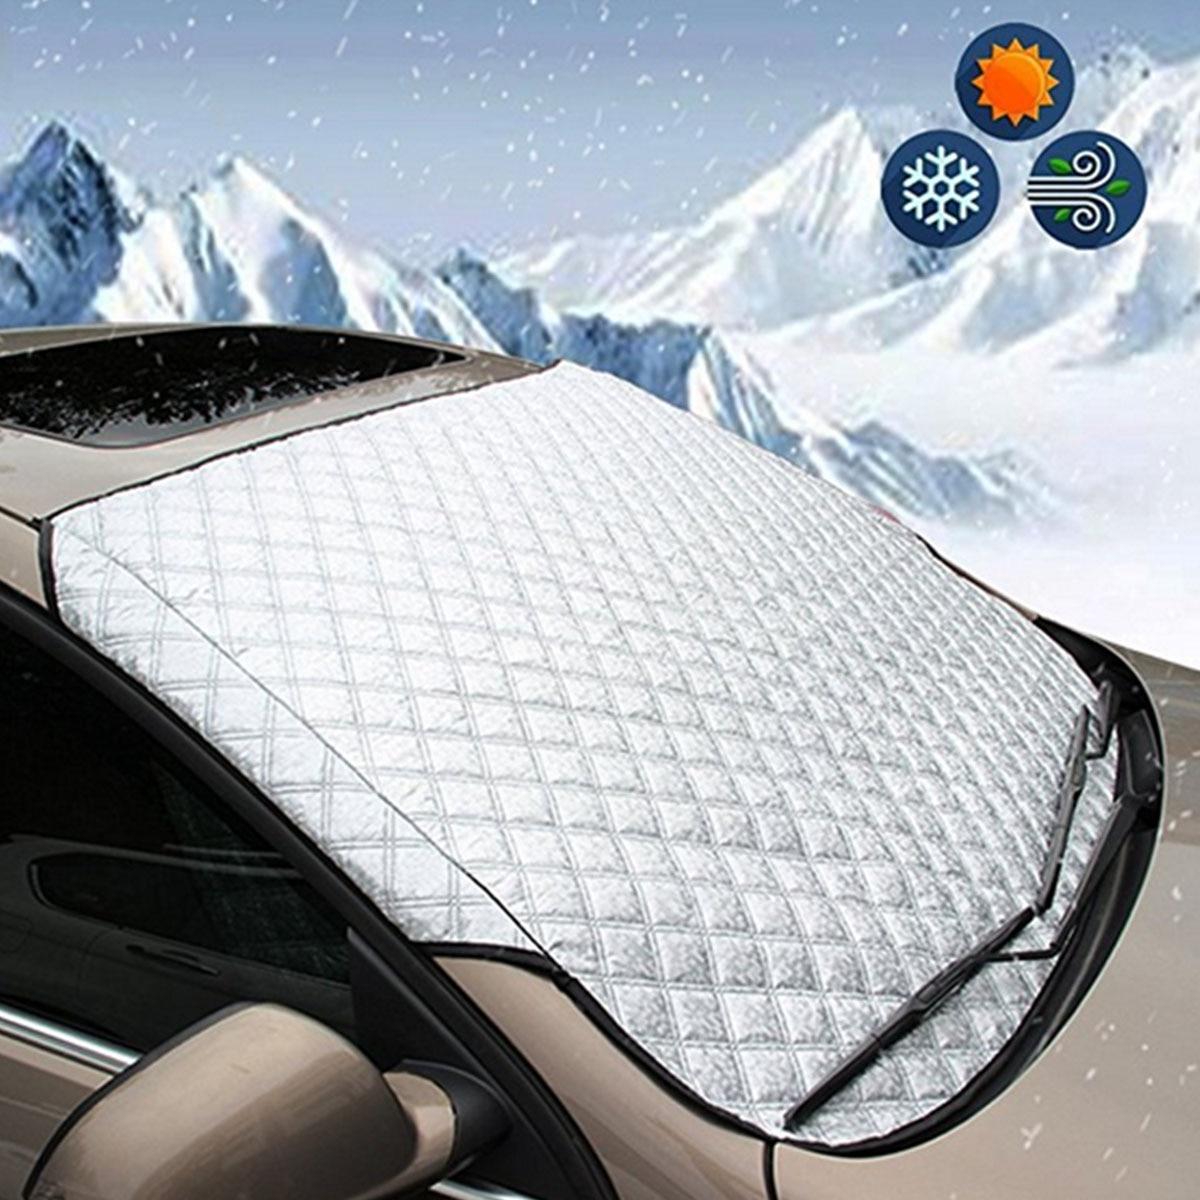 147*70 см ветровое стекло покрытие окна автомобиля экран Солнечный свет Мороз Снег защита от пыли